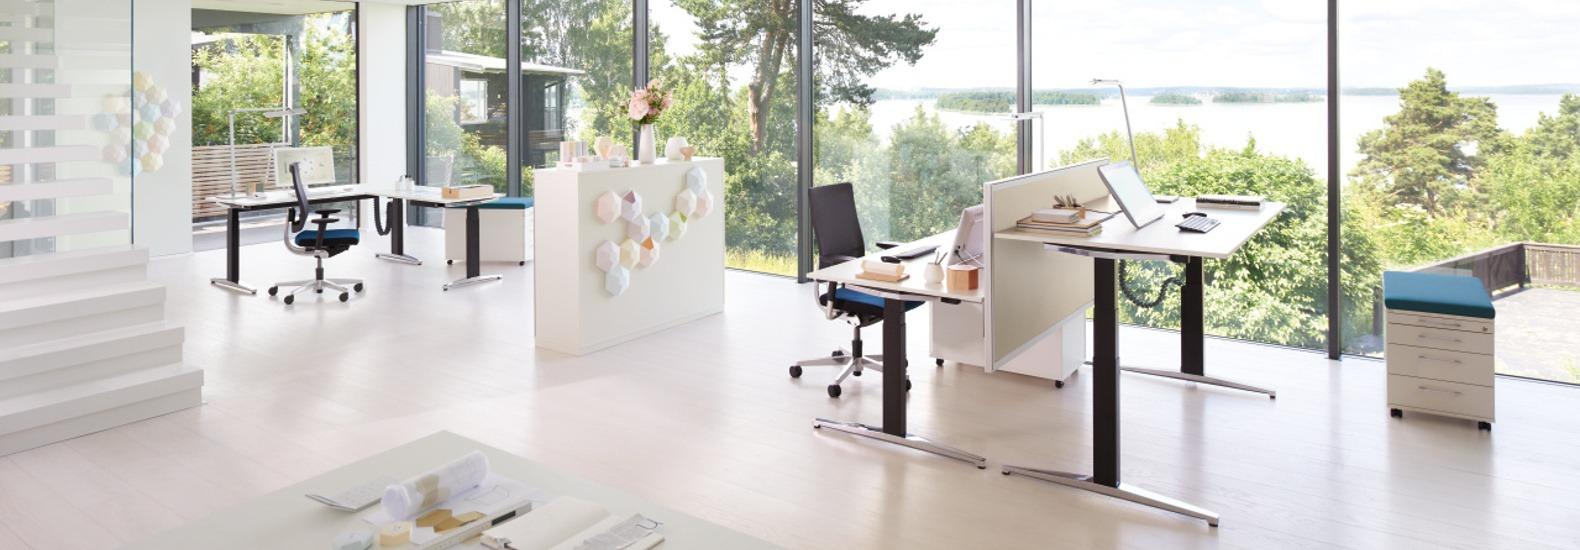 Konfigurieren Sie black dot und attention von Sedus Seating bei office & objekt 42 um Ihr Büro perfekt auf Sie anzupassen!